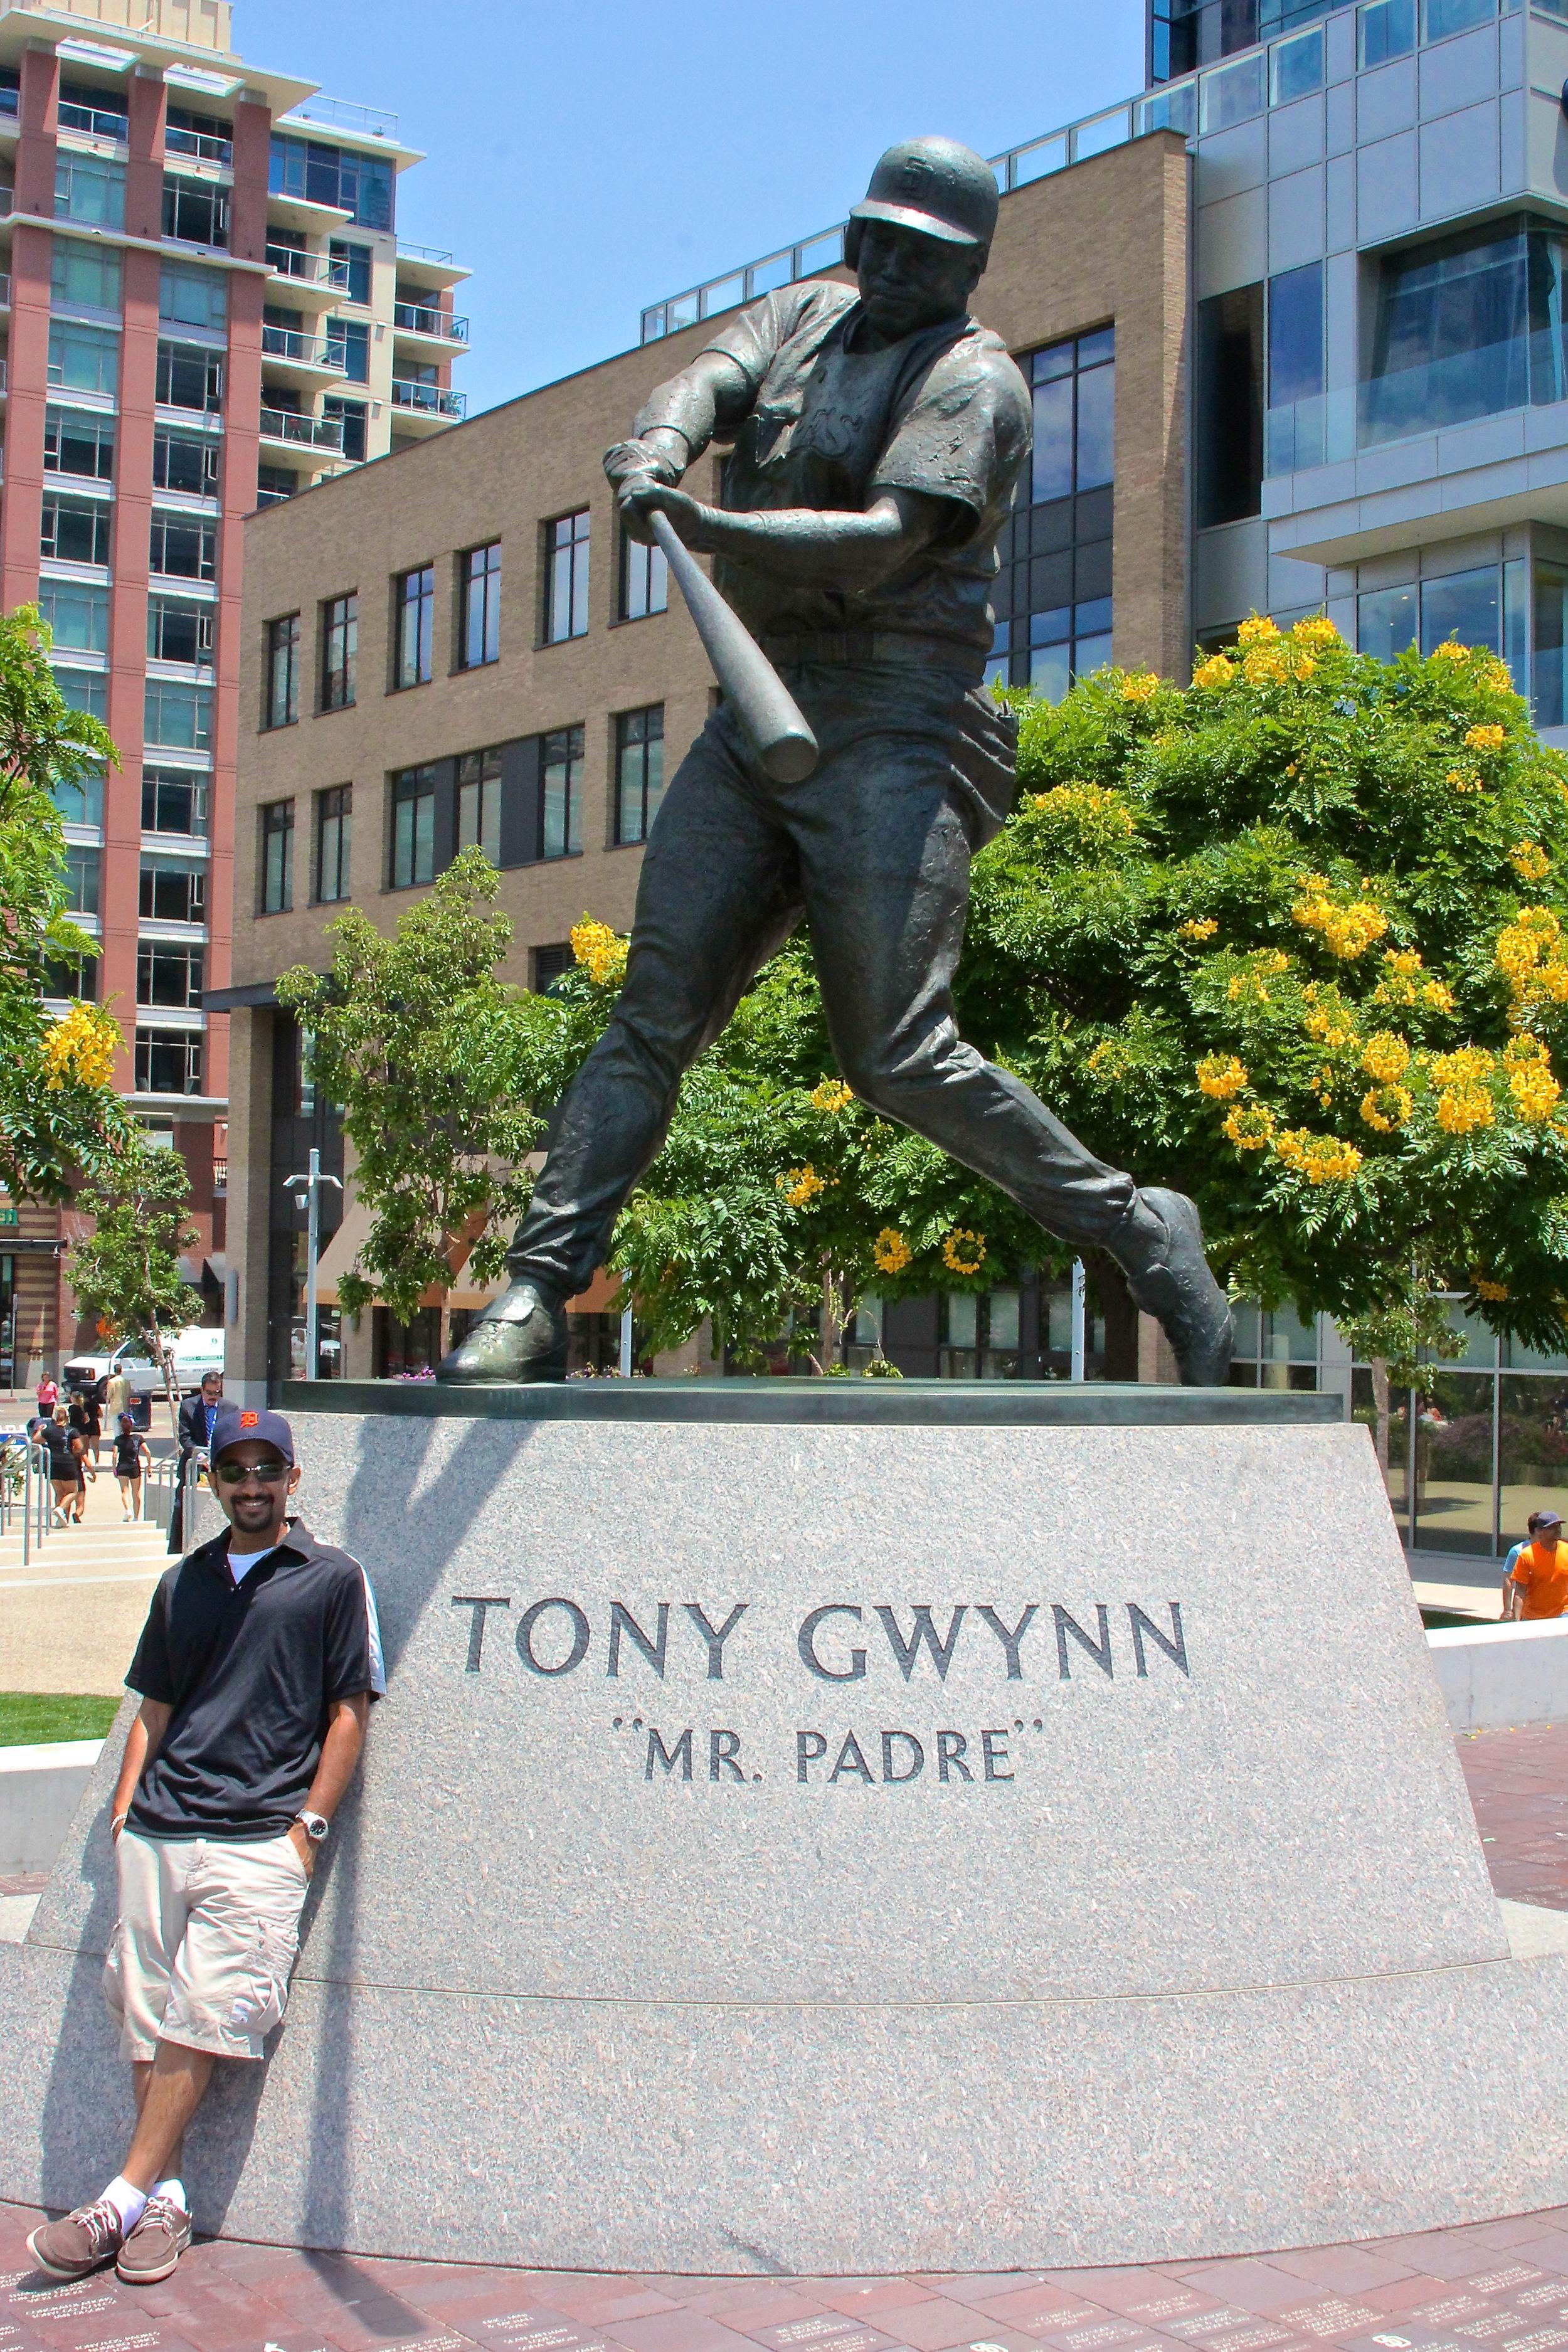 Me and Tony Gwynn